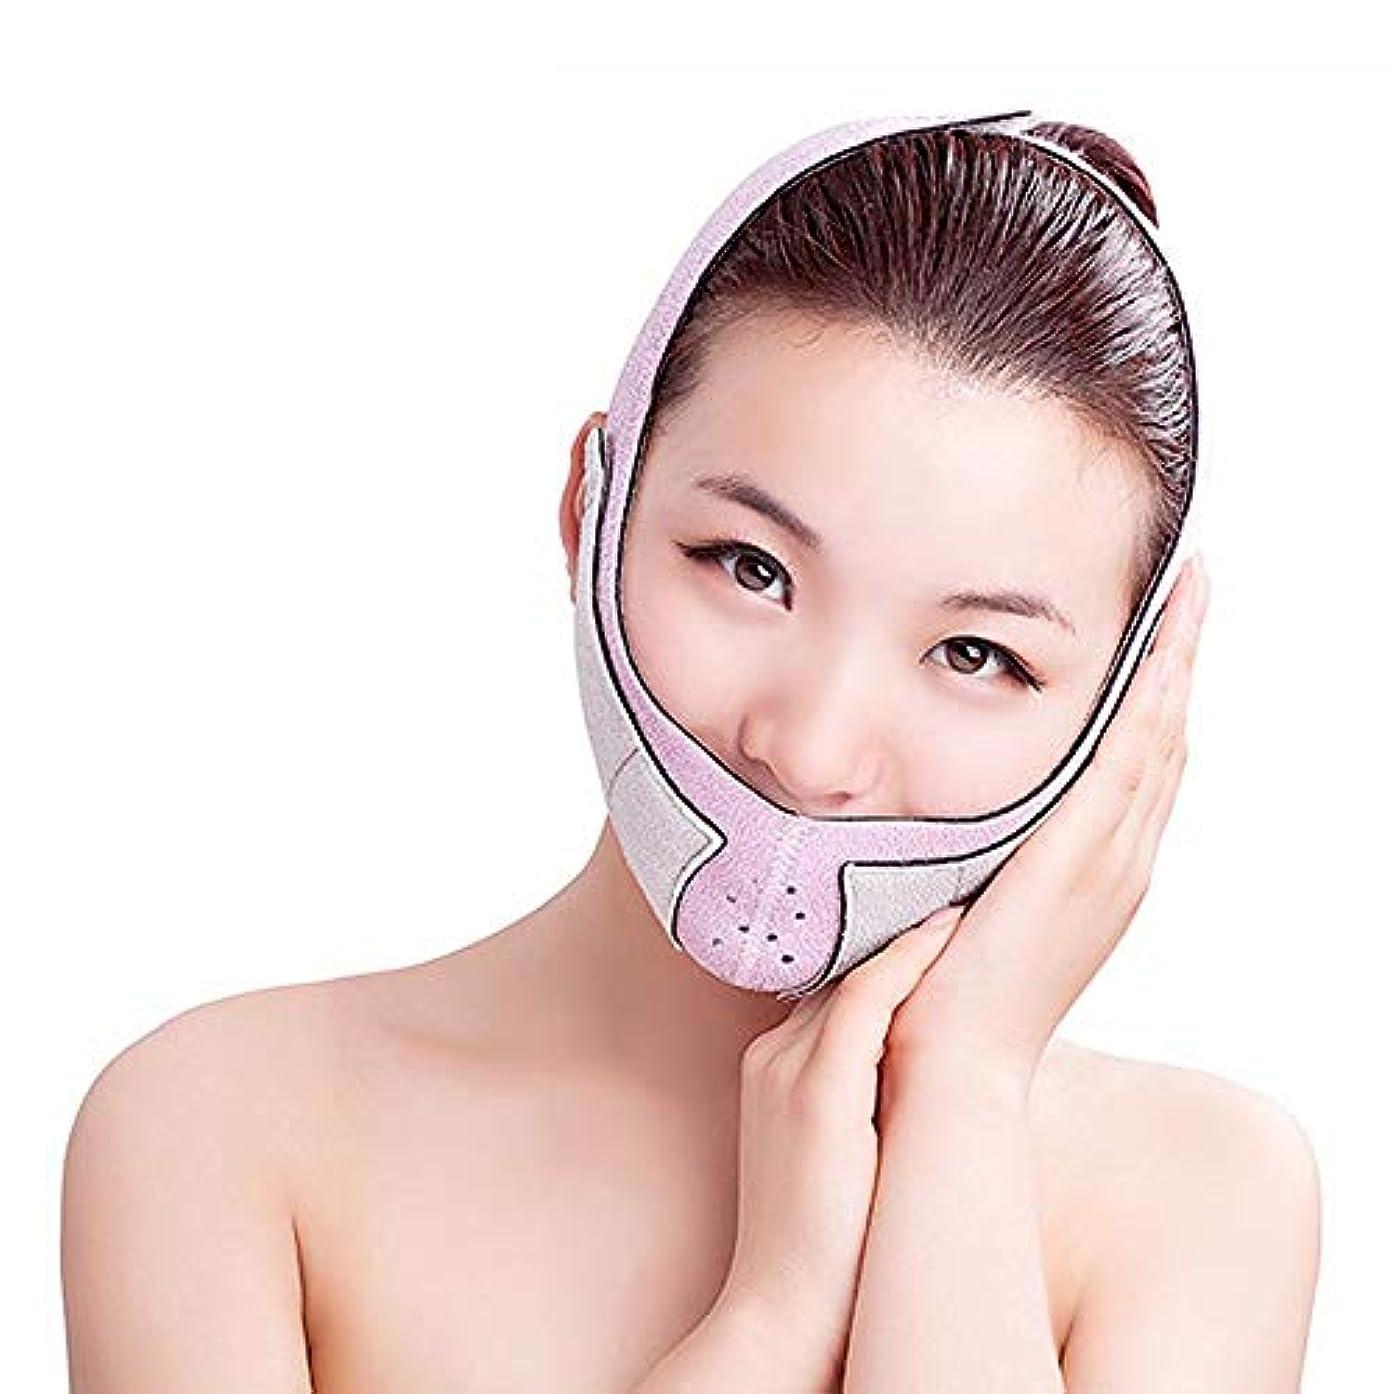 特異な気候の山味付け薄い顔のベルト - 薄い顔のベルト通気性の補正3D薄い顔のV顔のベルトの包帯薄い顔のアーティファクト 美しさ (色 : B)